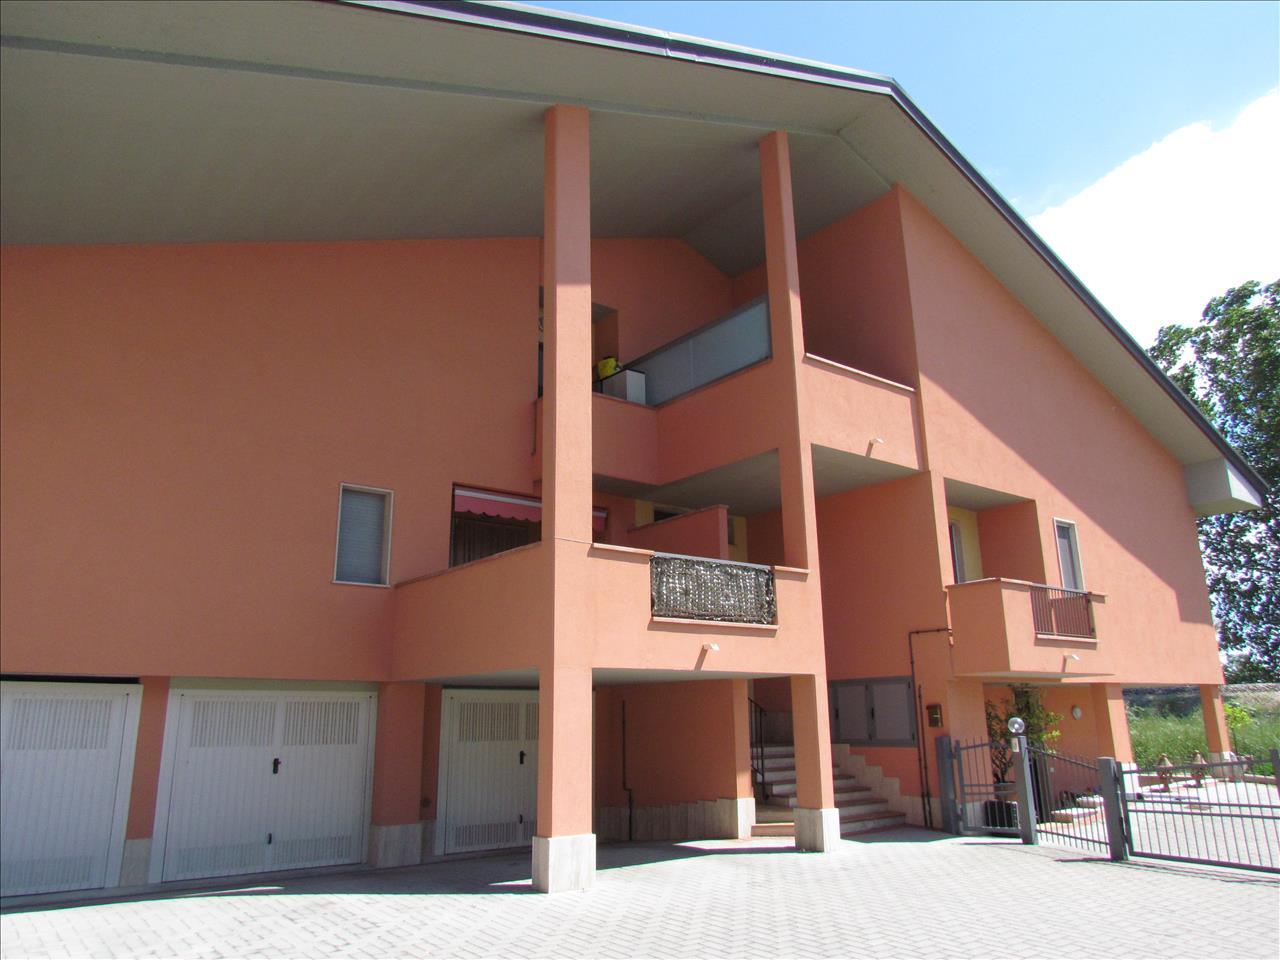 Appartamento in vendita a Passignano sul Trasimeno, 2 locali, prezzo € 89.000 | Cambio Casa.it